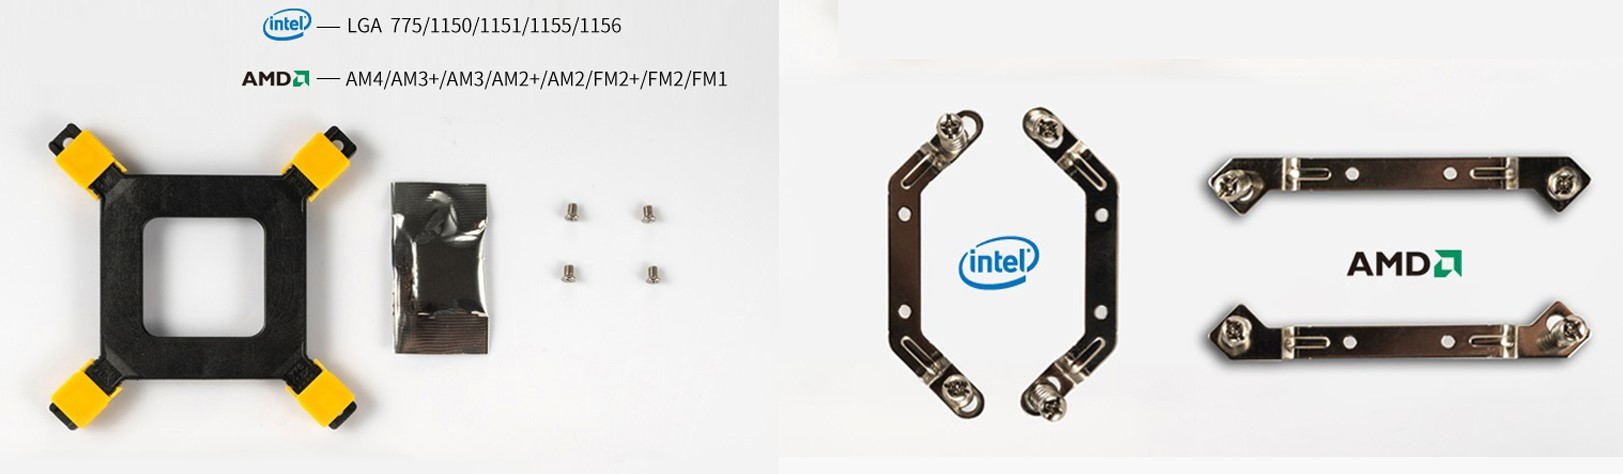 Tản nhiệt khí Jonsbo CR-1000 RGB trang bị ngàm gắn tản nhiệtbằng hợp kim cao cấp được sử dụng để tránh hiện tượng gãy của ốc vít nhựa, giảm uốn cong bo mạch chủ, cải thiện tuổi thọ của phần cứng và giảm rủi ro vận chuyển